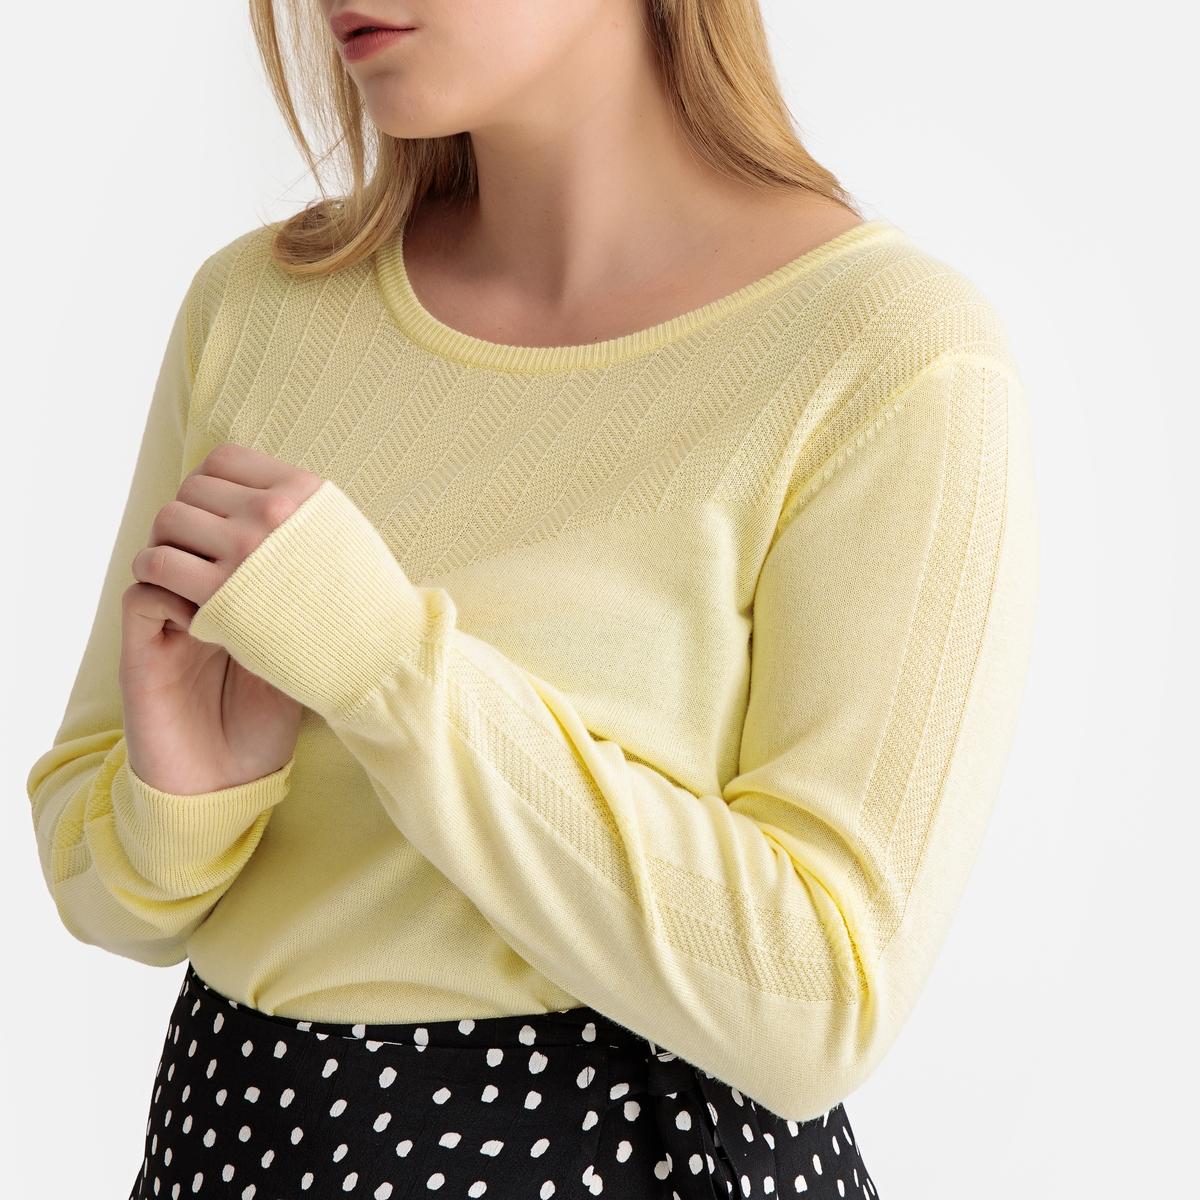 Пуловер La Redoute С круглым вырезом из тонкого трикотажа 46/48 (FR) - 52/54 (RUS) желтый пуловер la redoute с круглым вырезом из шерсти мериноса pascal 3xl черный